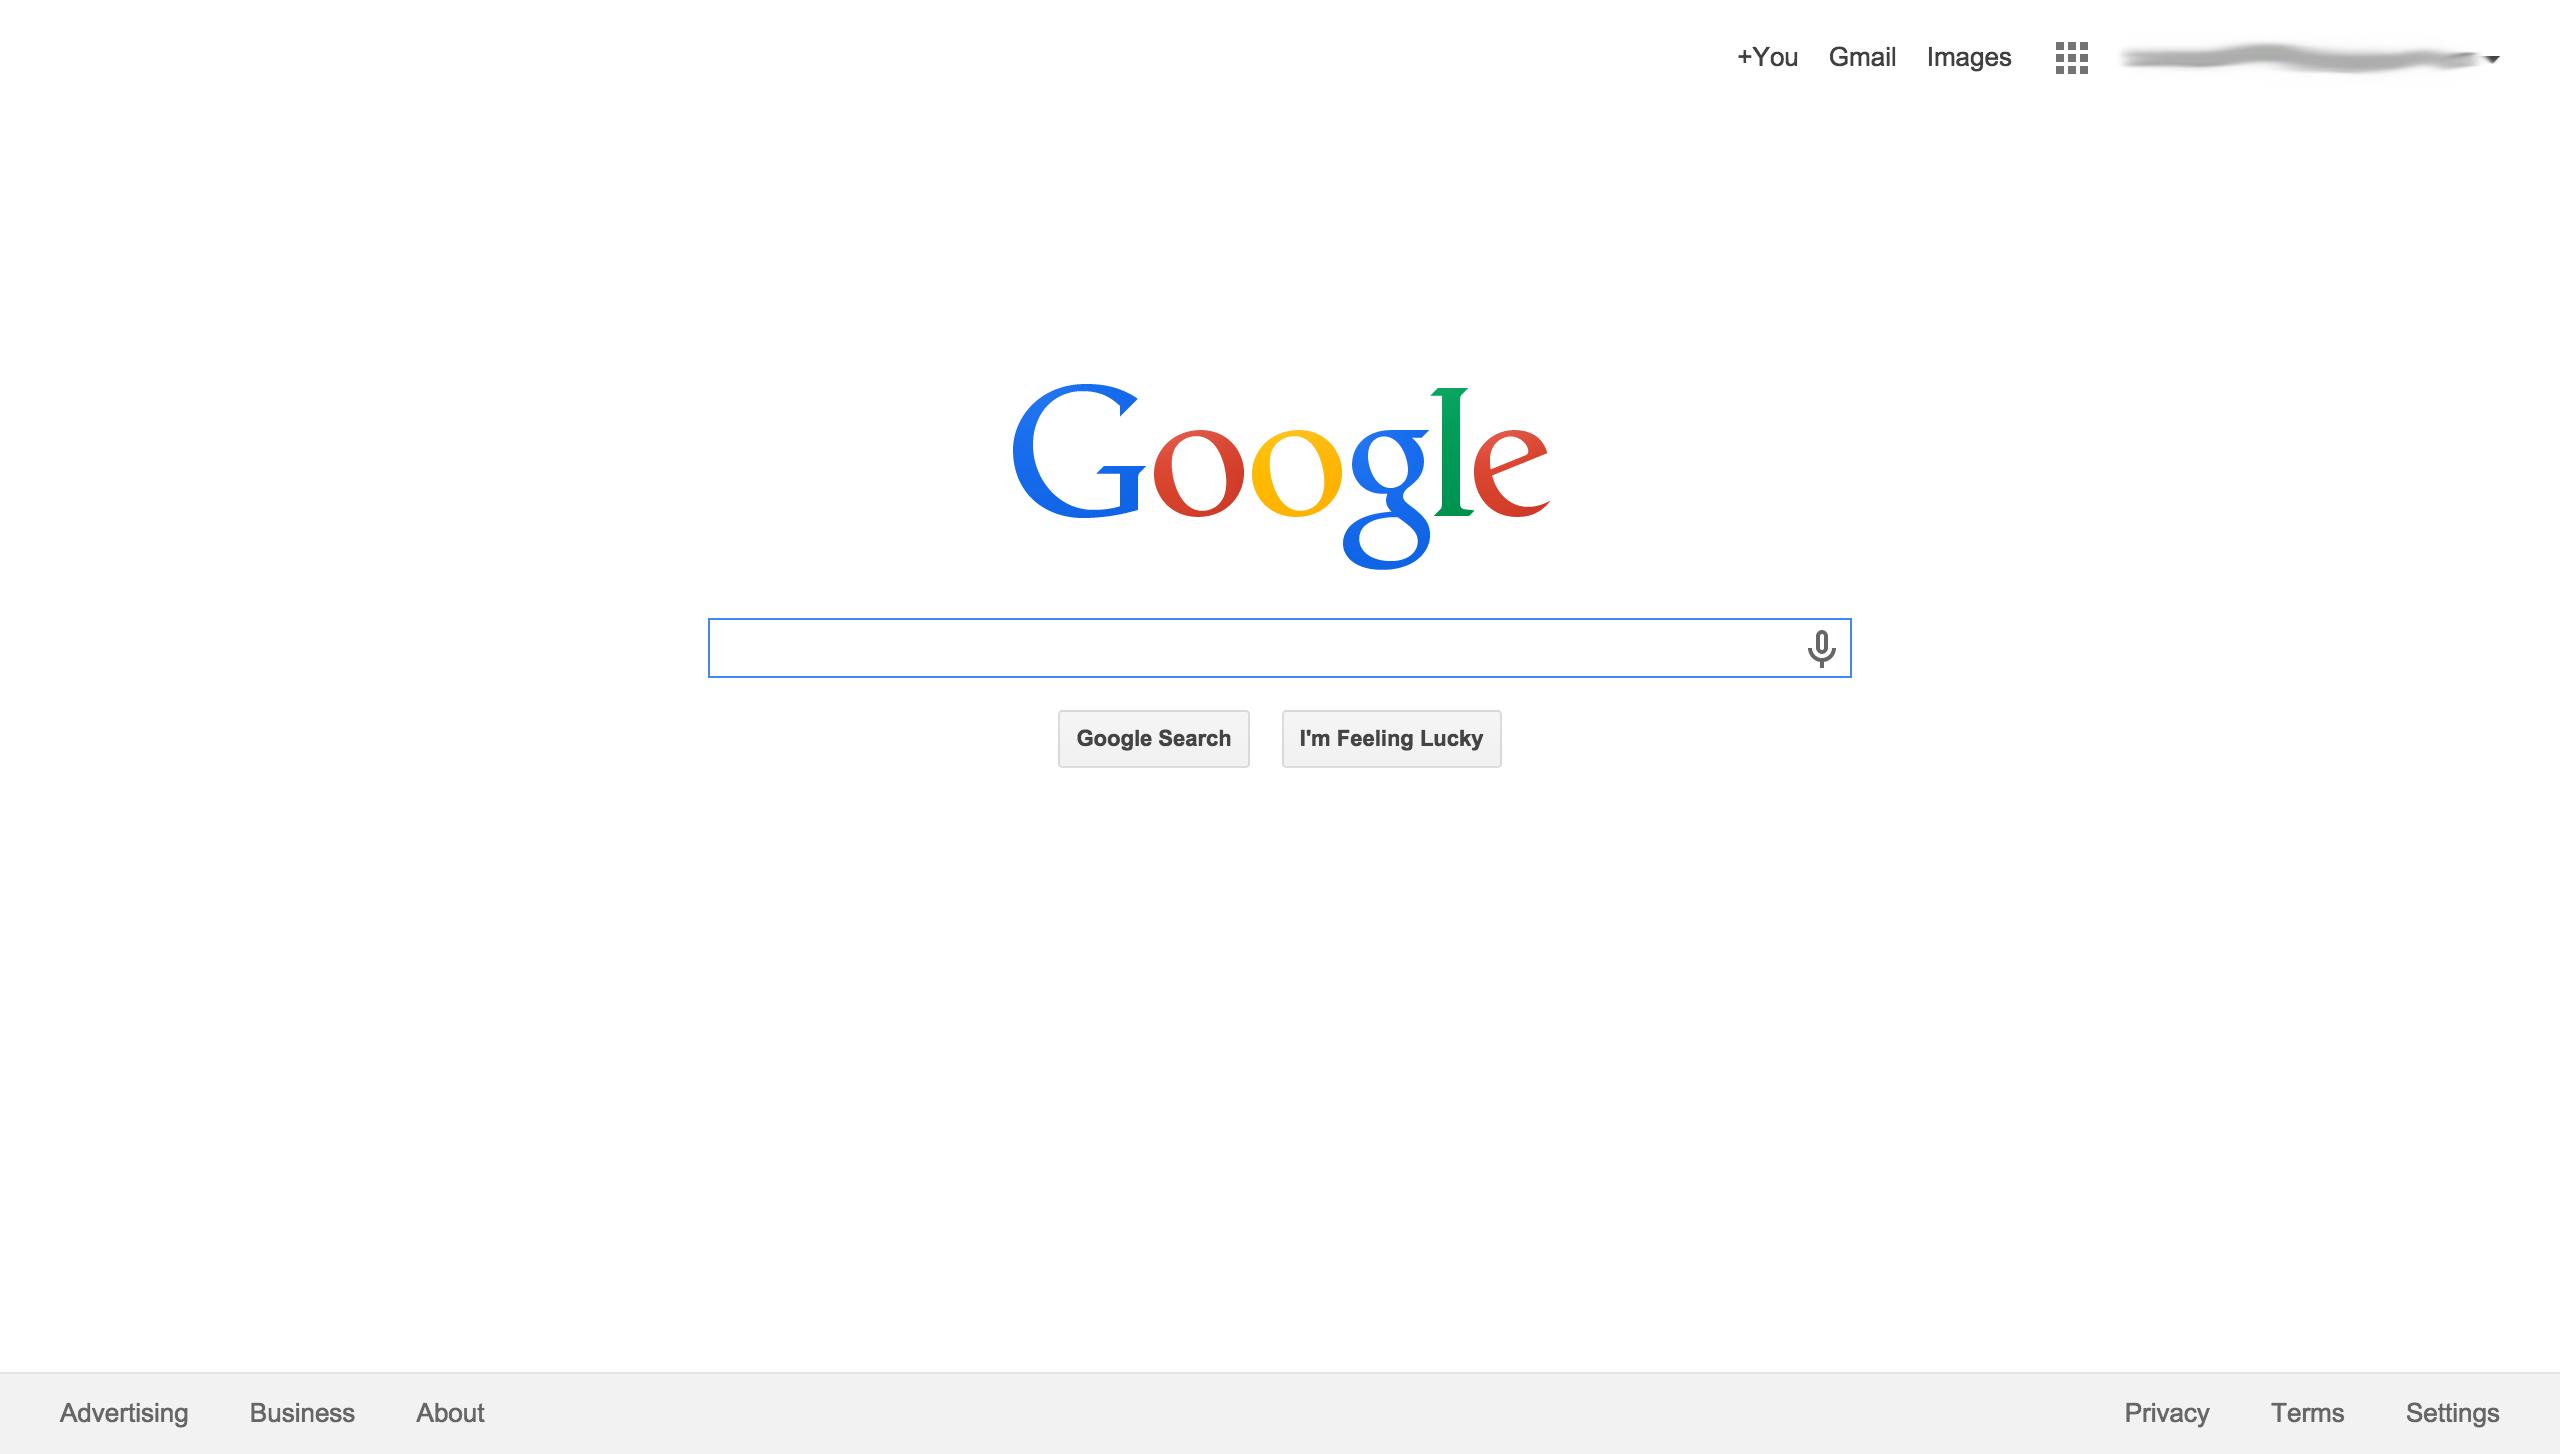 Googleın bilgisayar için sesli arama şimdi Rusça konuşan kullanıcılar için